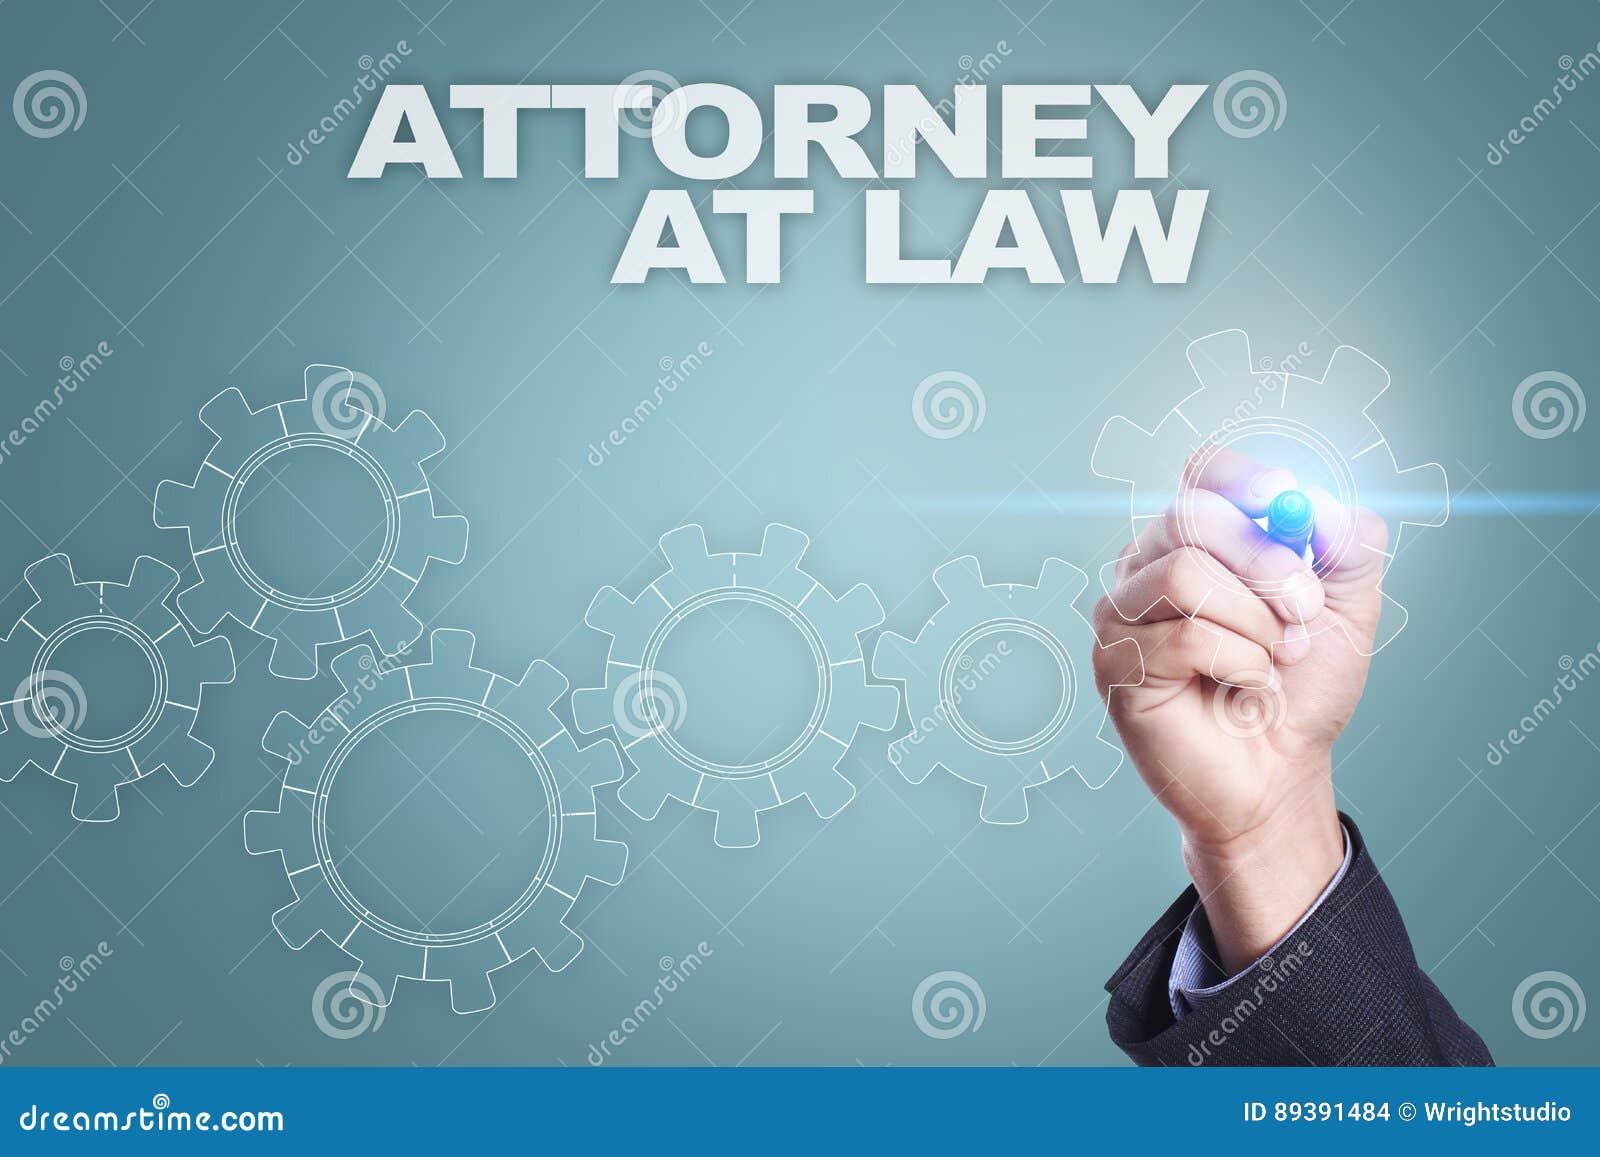 Dibujo del hombre de negocios en la pantalla virtual abogado en el concepto de la ley